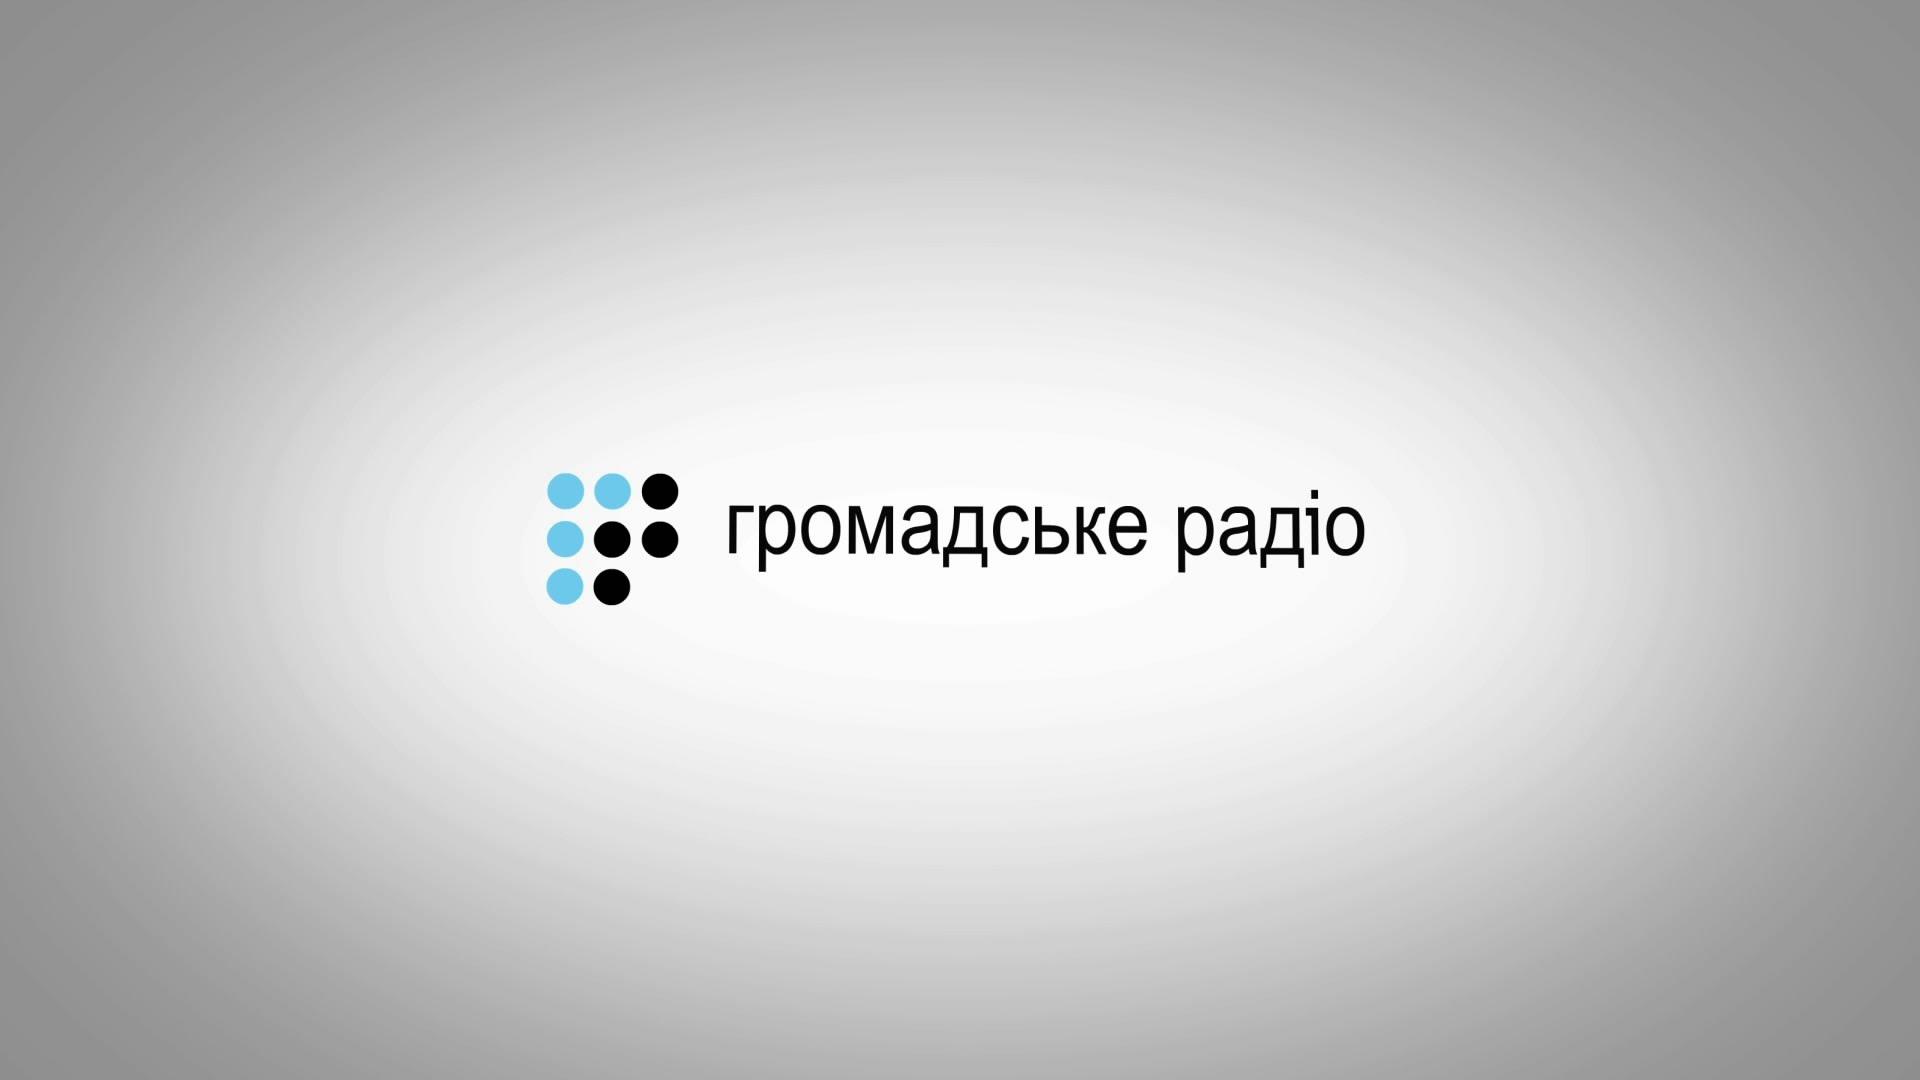 «Громадське радіо» зібрало необхідні 150 тис. грн на вихід новин в ефір